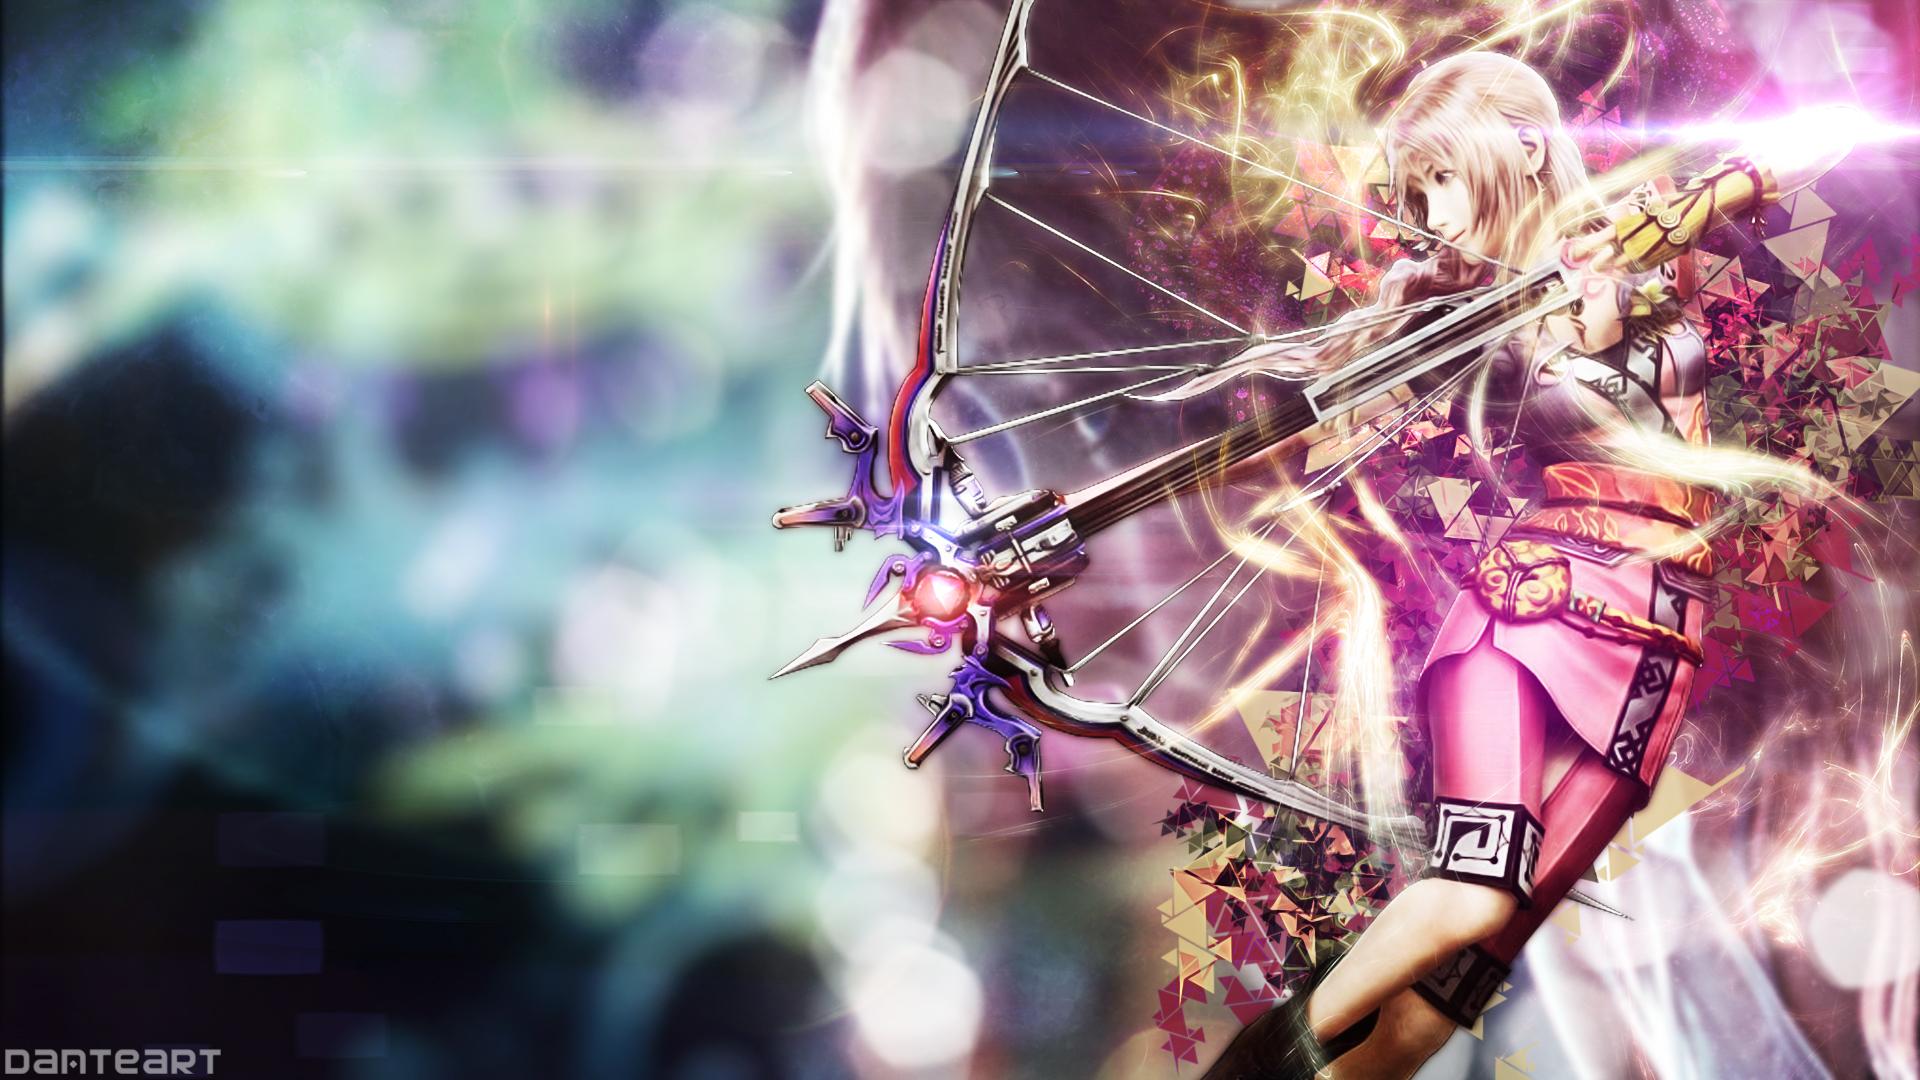 Final Fantasy Xiii 2 Serah Wallpaper By Danteartwallpapers On